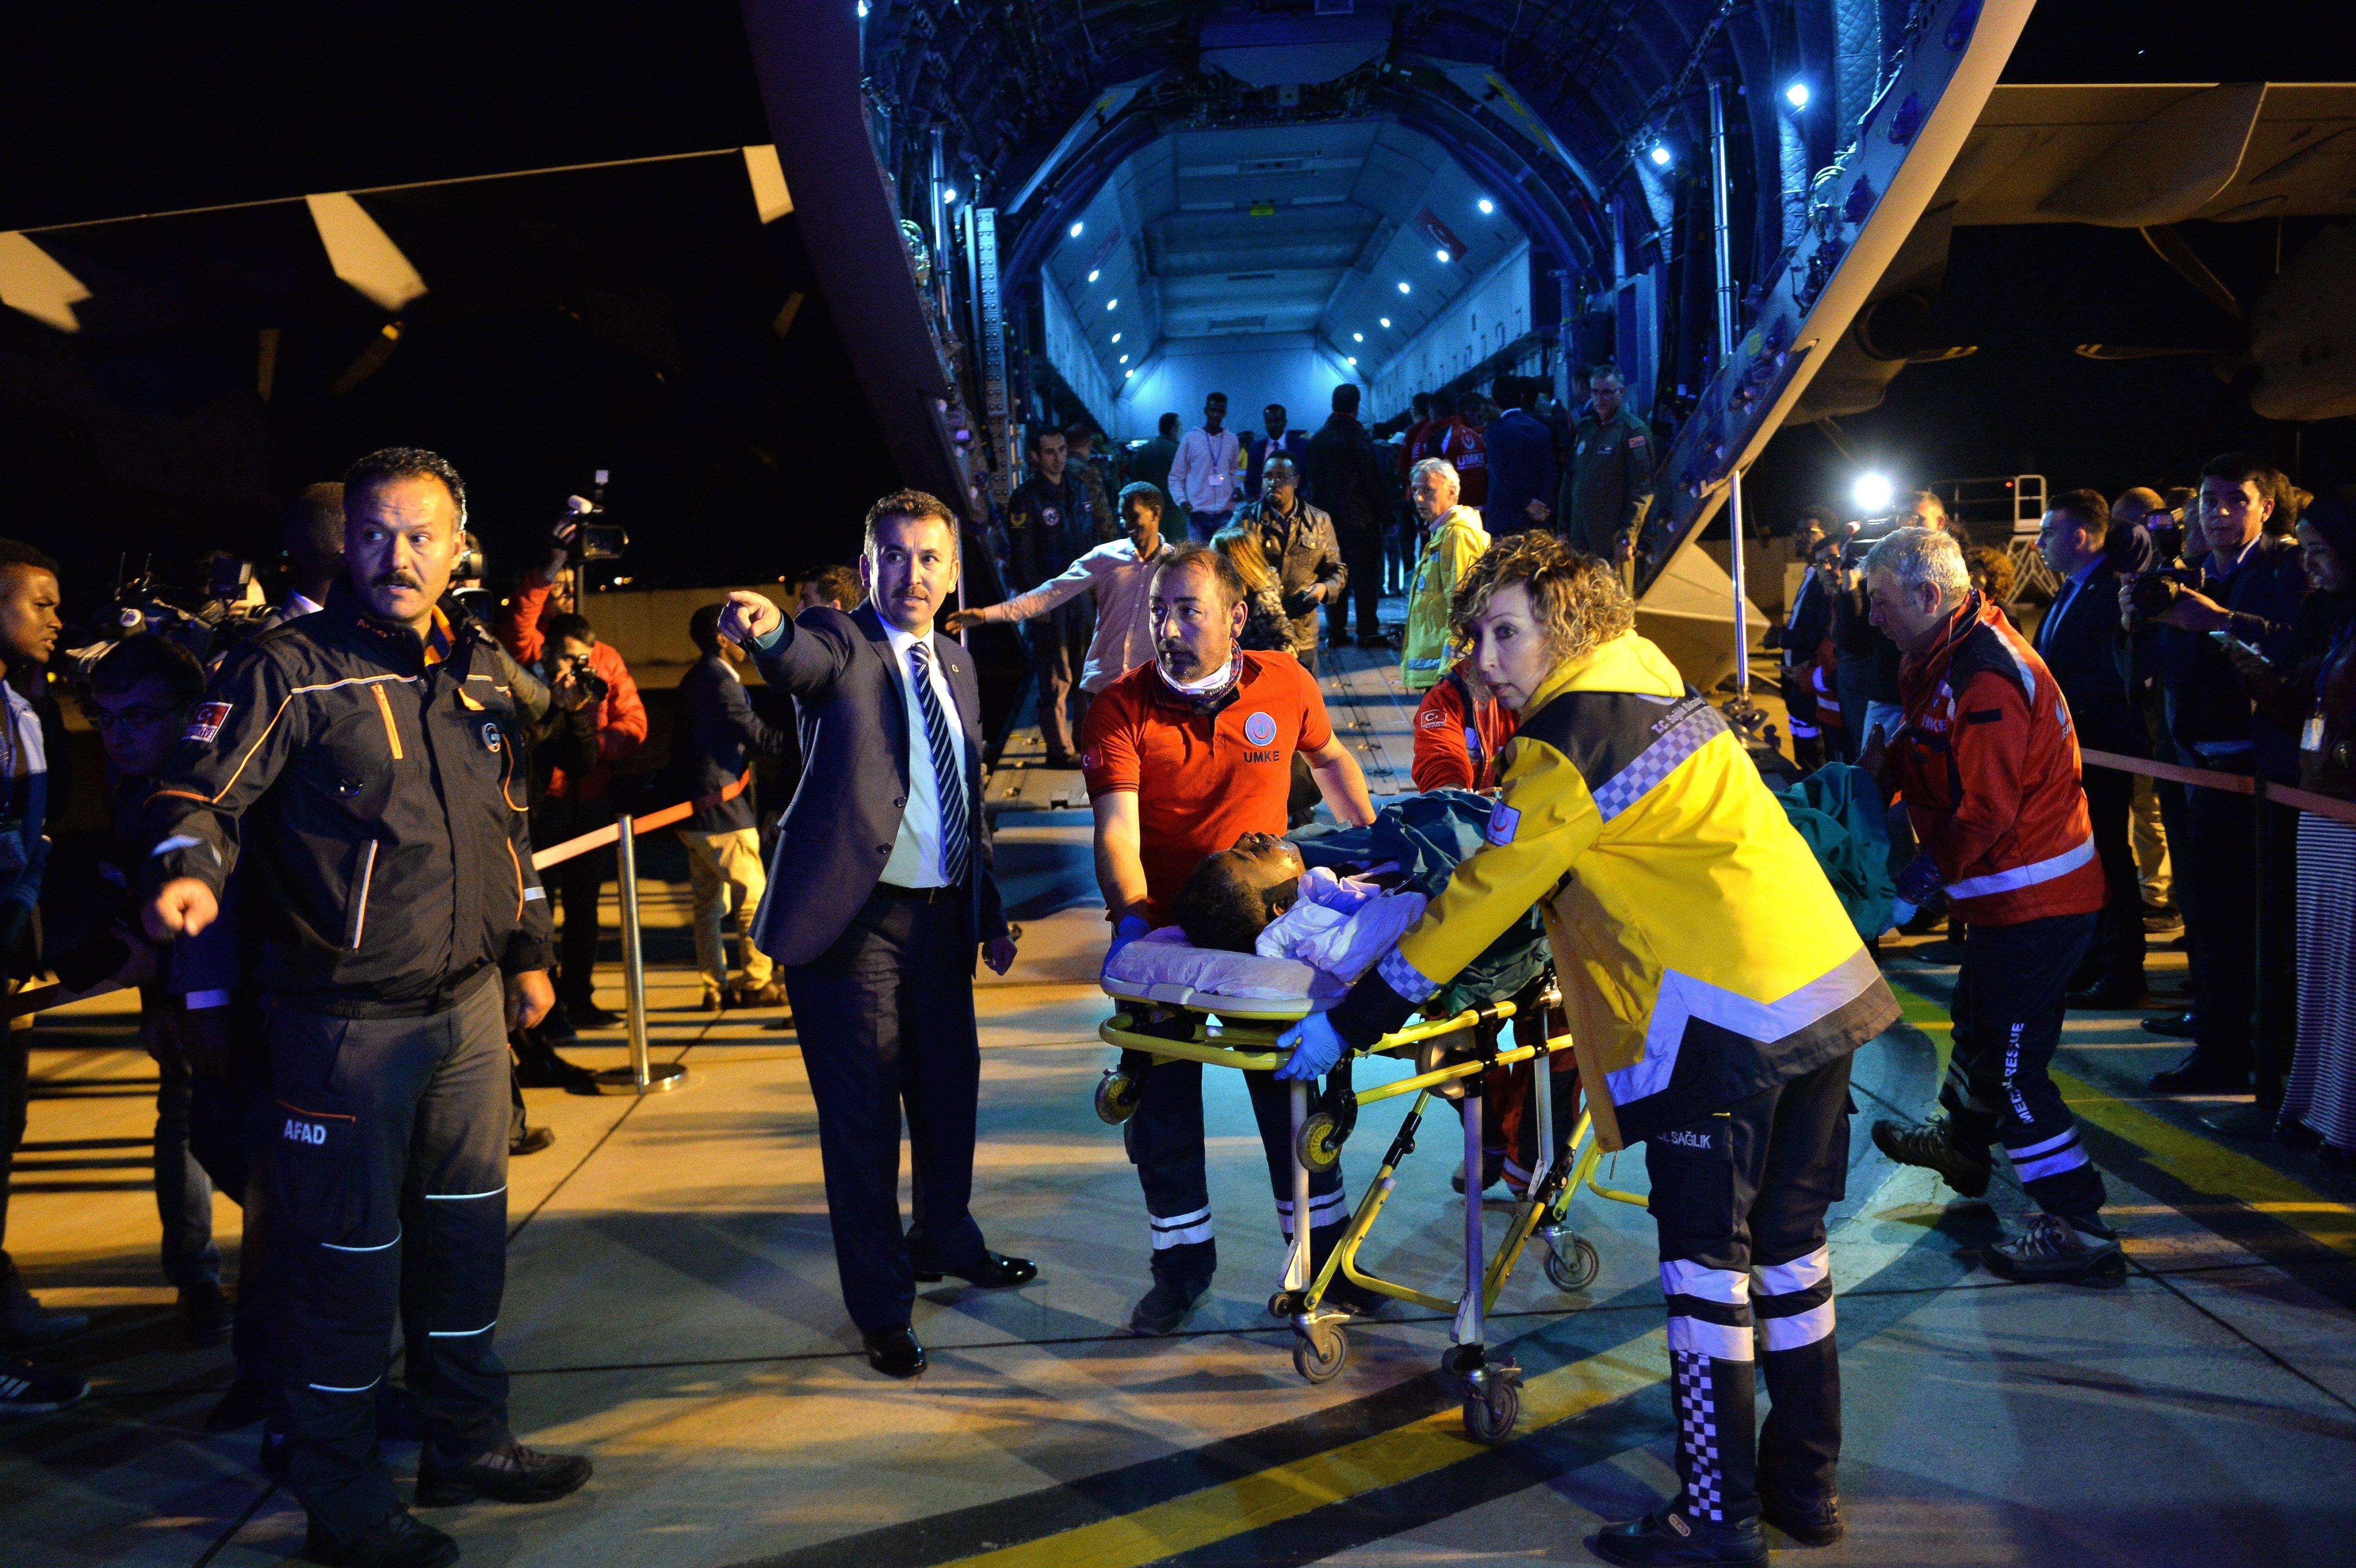 Paramèdics turcs atenen a persones ferides que arriben des de Somàlia a l'aeroport militar Etimesgut d'Ankara, a Turquia. La xifra de morts de l'atac bomba del passat 14 d'octubre puja a almenys 230, convertint-se en l'atac més mortal a la història recent de Somàlia./STR